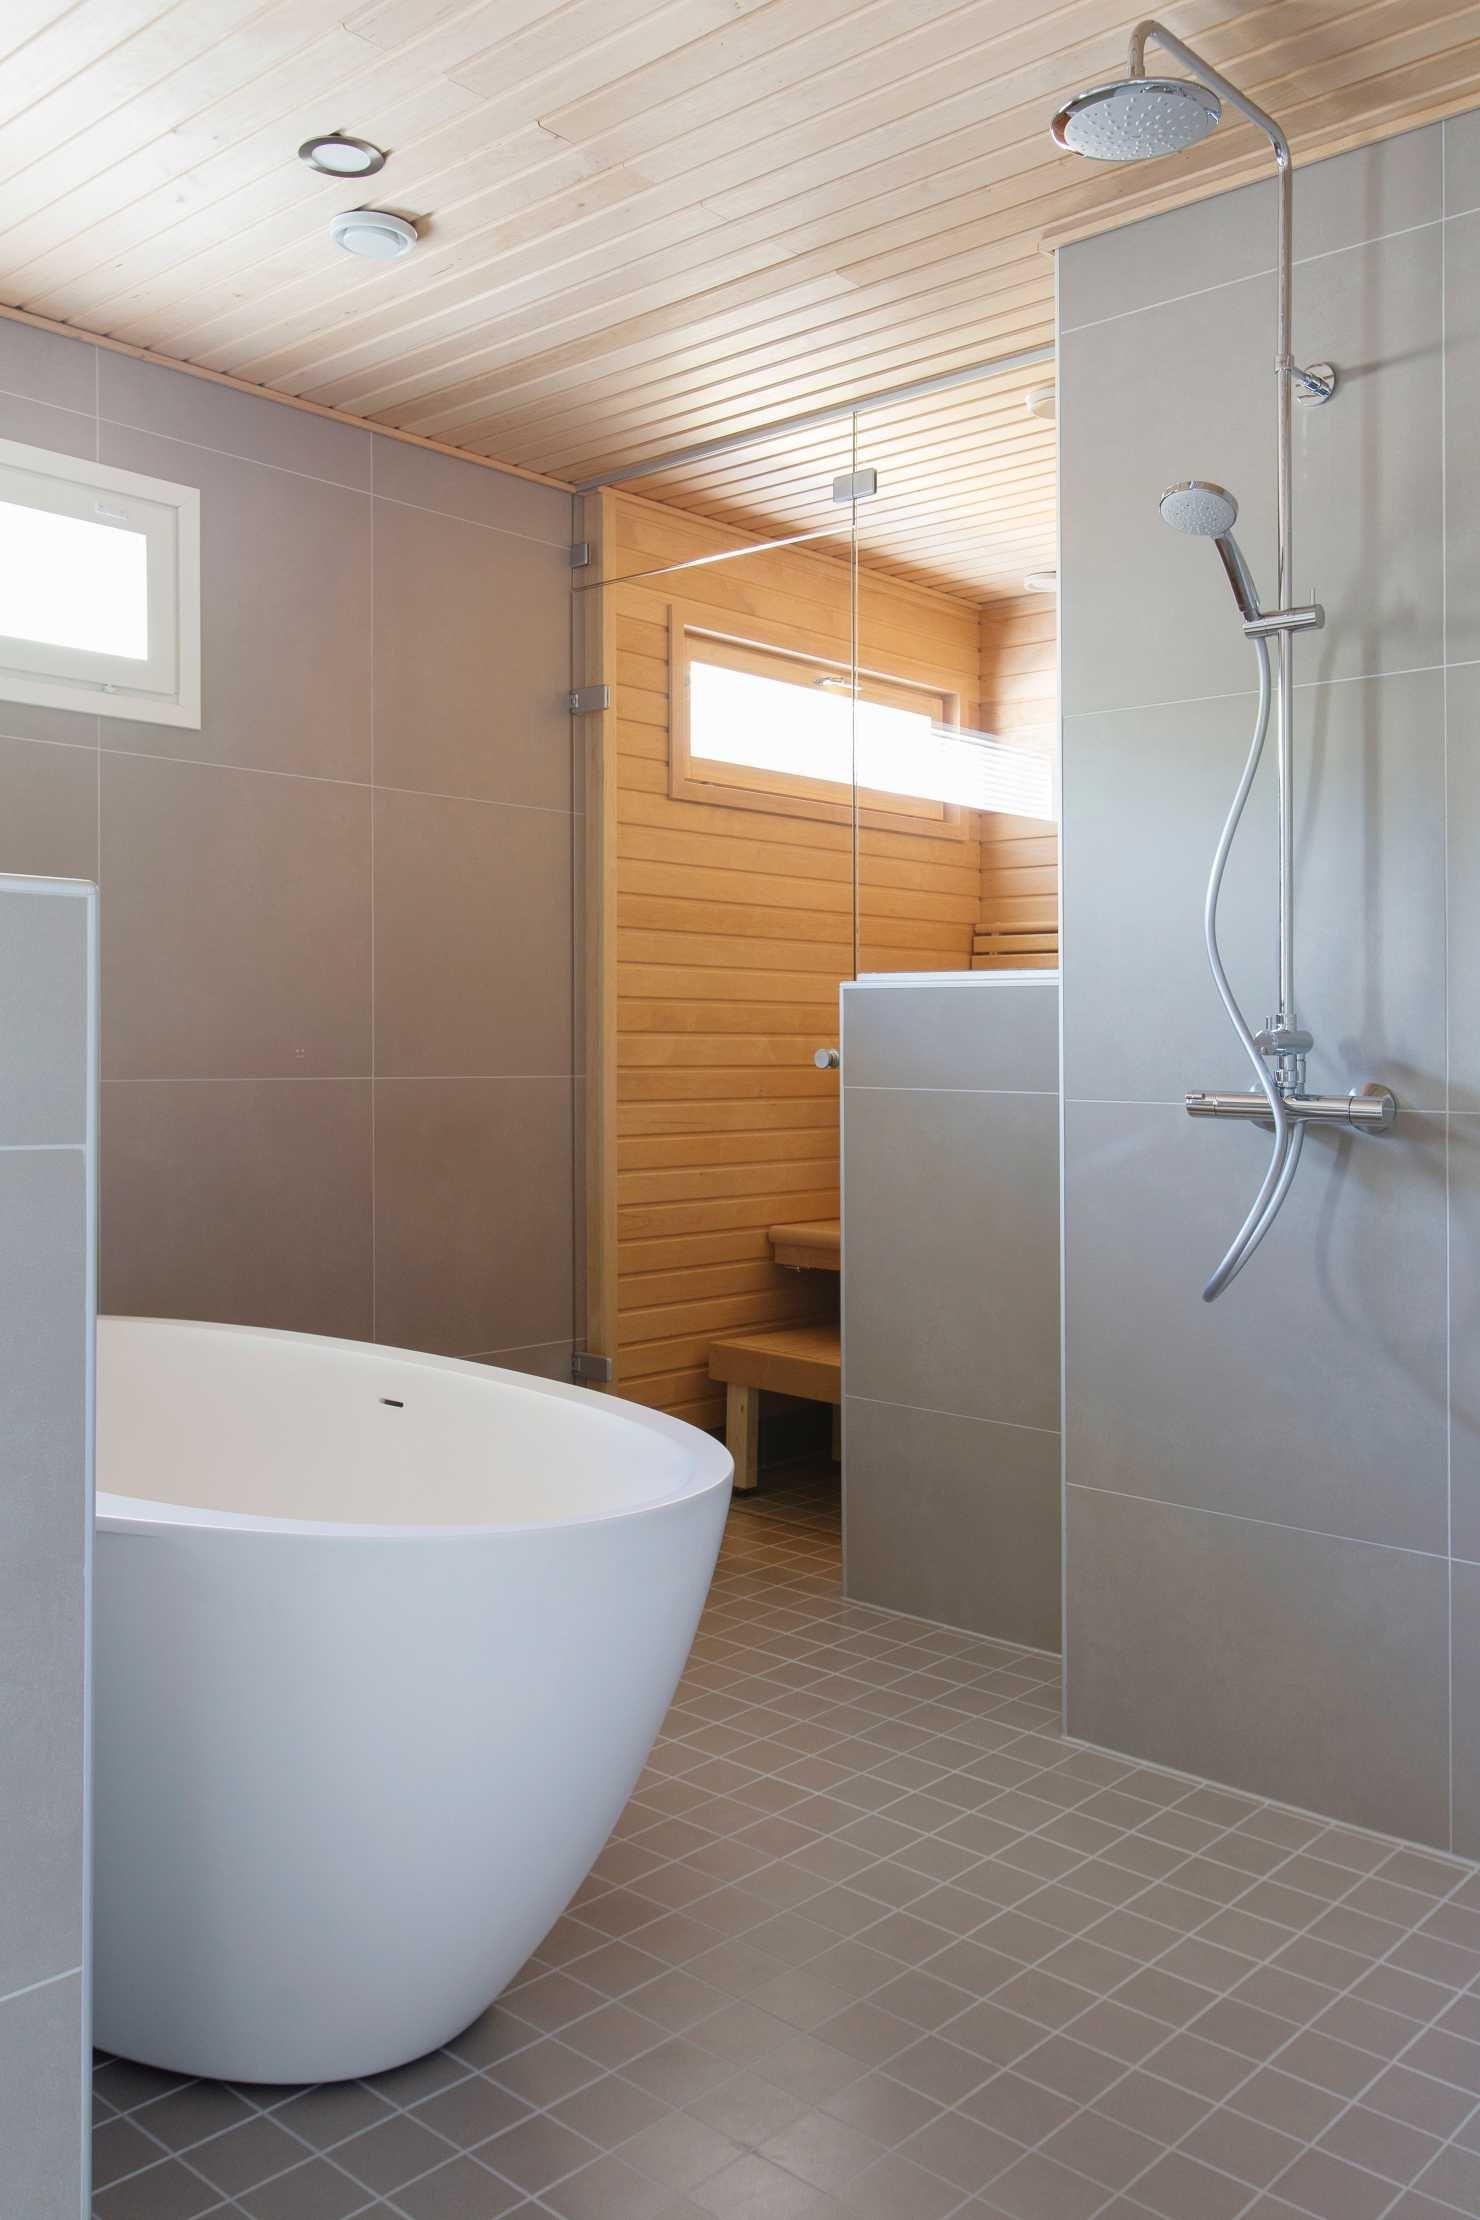 Nain Tehdaan Peseytymisesta Elamys Esittelyssa Asuntomessujen Kiinnostavimmat Suihkutilat Suihkuhuone Kylpyhuoneideat Kylpyhuoneideoita